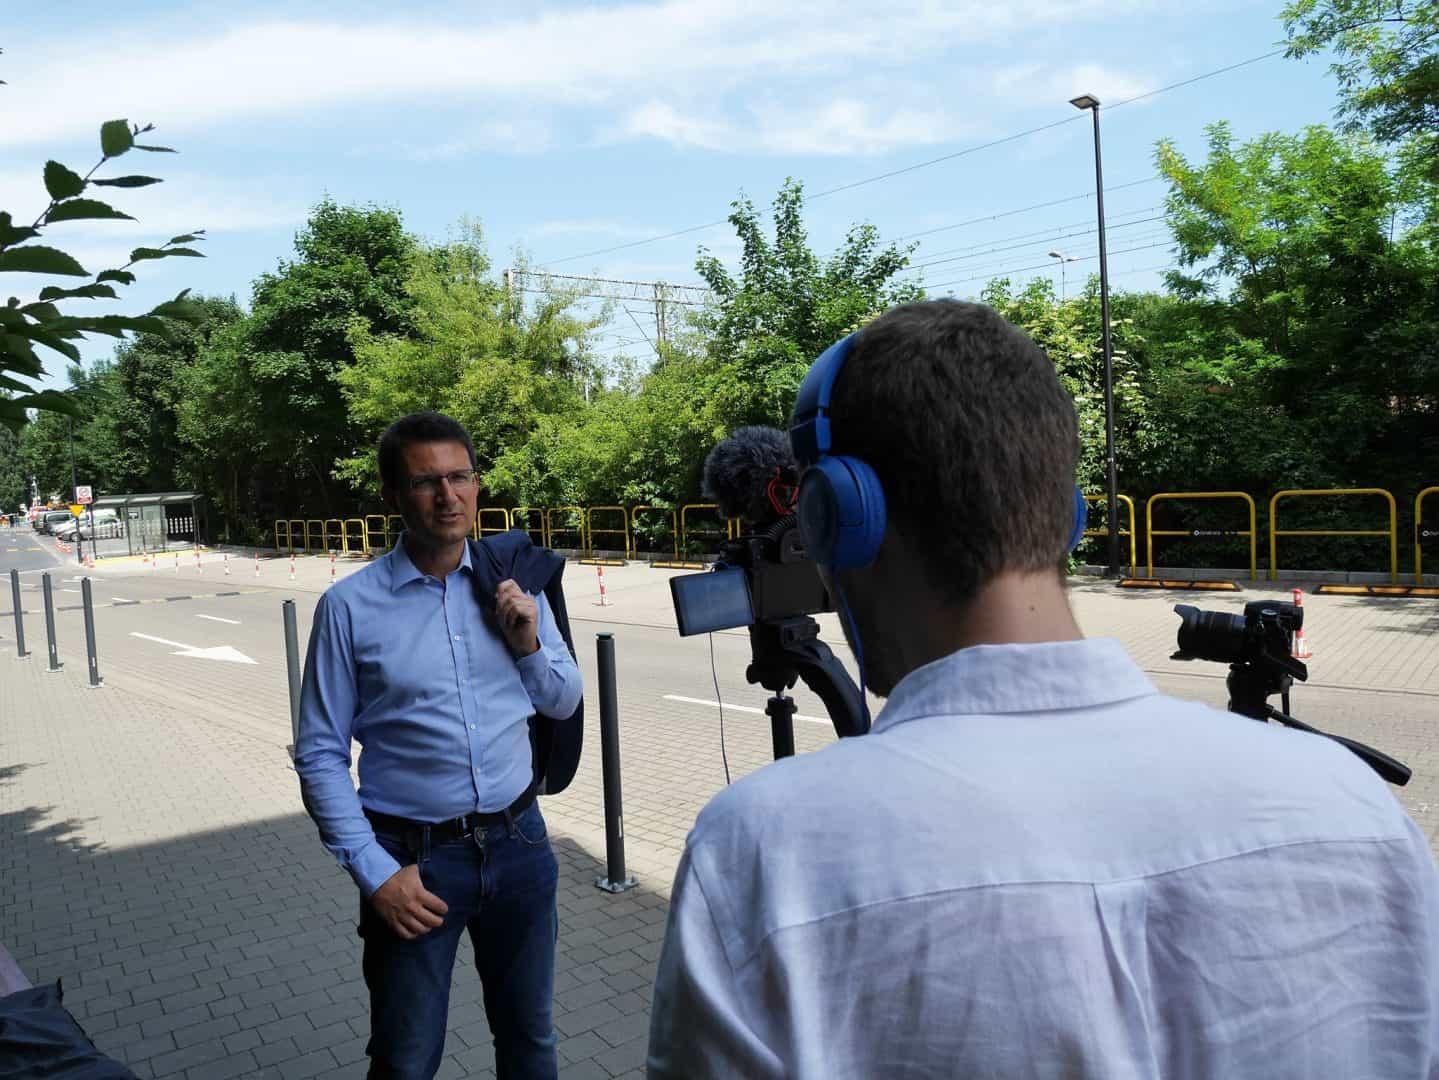 Na pierwszym planie znajduje się operator kamery, który nagrywa osobę opowiadającą o nowej aplikacji. Postacie stoją na chodniku pośród drzew